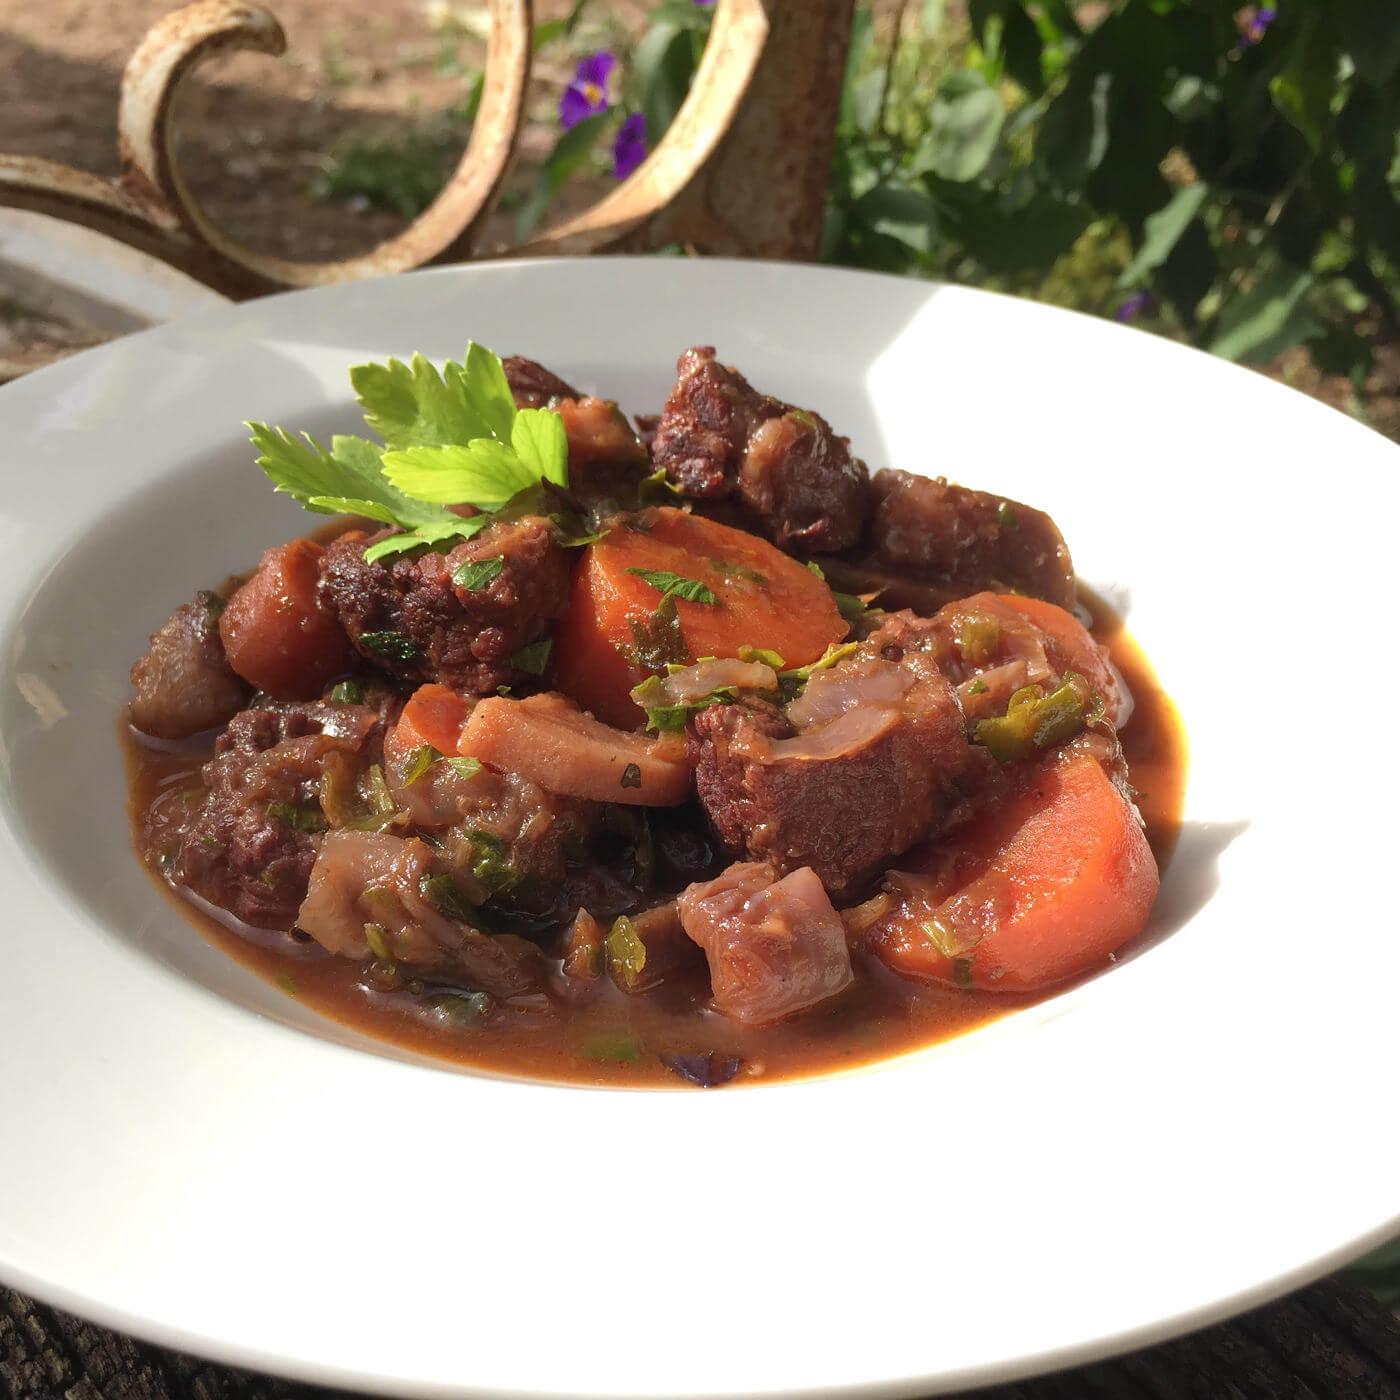 תבשיל בשר עם כרוב וסלק